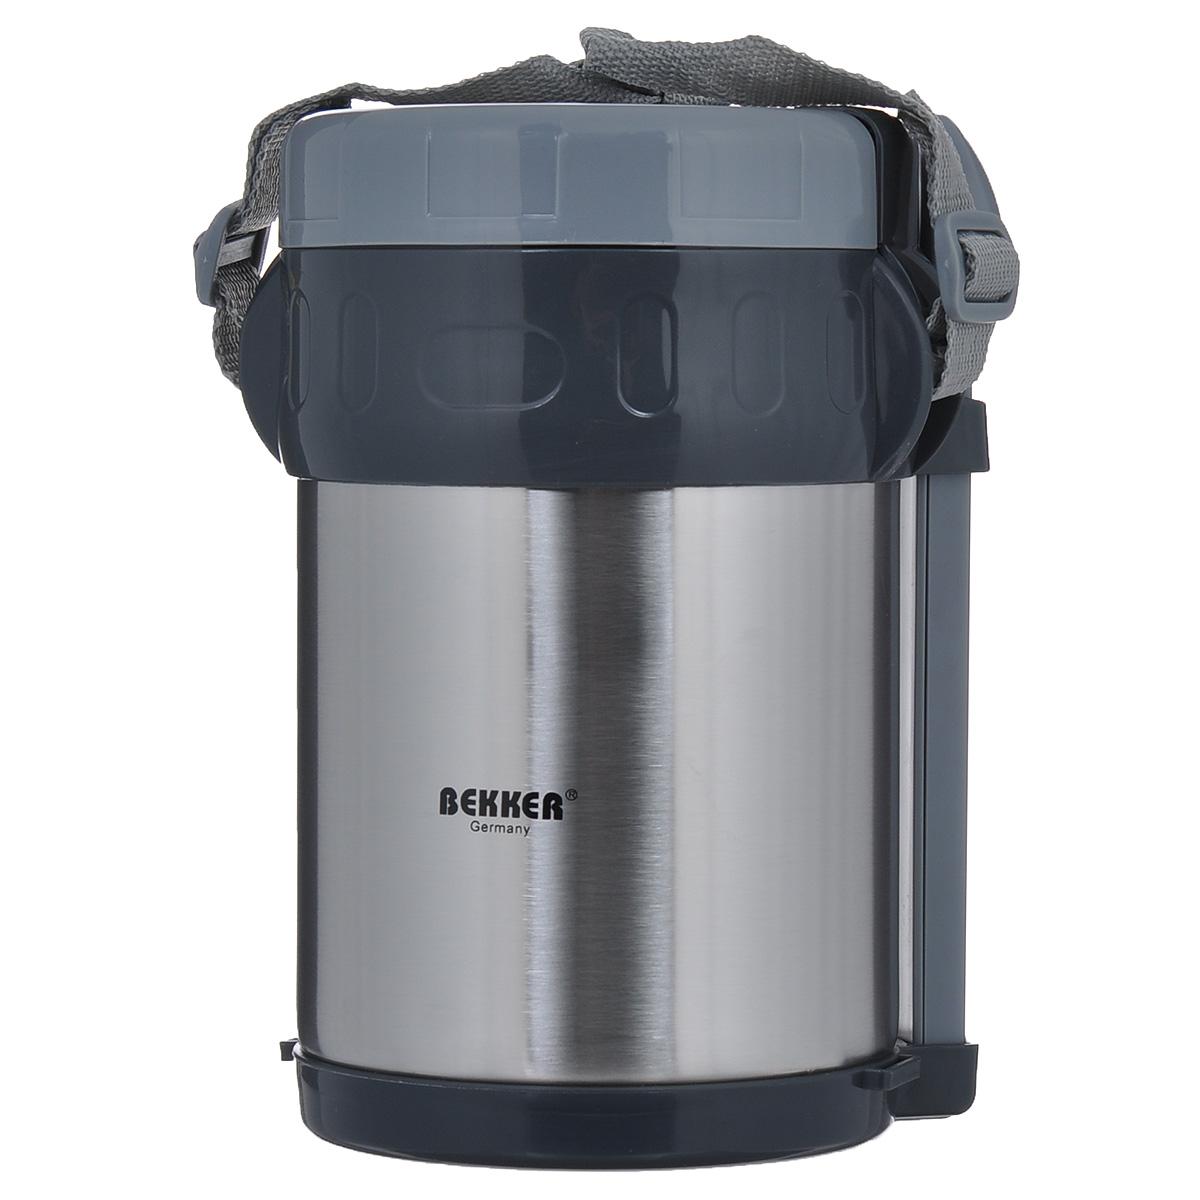 Термос Bekker Koch, с контейнерами, 1,5 л. BK-4085VT-1520(SR)Пищевой термос с широким горлом Bekker Koch, изготовленный из высококачественной нержавеющей стали 18/8, является простым в использовании, экономичным и многофункциональным. Изделие с двойными стенками оснащено тремя контейнерами, ложкой и вилкой в оригинальном чехле и специальным ремнем для удобной переноски термоса. Термос с широким горлом предназначен для хранения горячей и холодной пищи, замороженных продуктов, мороженного, фруктов и льда и укомплектован вакуумной крышкой без кнопки. Такая крышка надежна, проста в использовании и позволяет дольше сохранять тепло благодаря дополнительной теплоизоляции.Легкий и прочный термос Bekker Koch сохранит ваши напитки и продукты горячими или холодными надолго. Высота (с учетом крышки): 22 см.Диаметр горлышка: 13 см.Диаметр контейнеров: 11 см, 11 см, 12 см.Высота контейнеров: 4 см, 5 см, 8 см. Объем контейнеров: 720 мл, 400 мл, 350 мл.Длина вилки/ложки: 15 см.